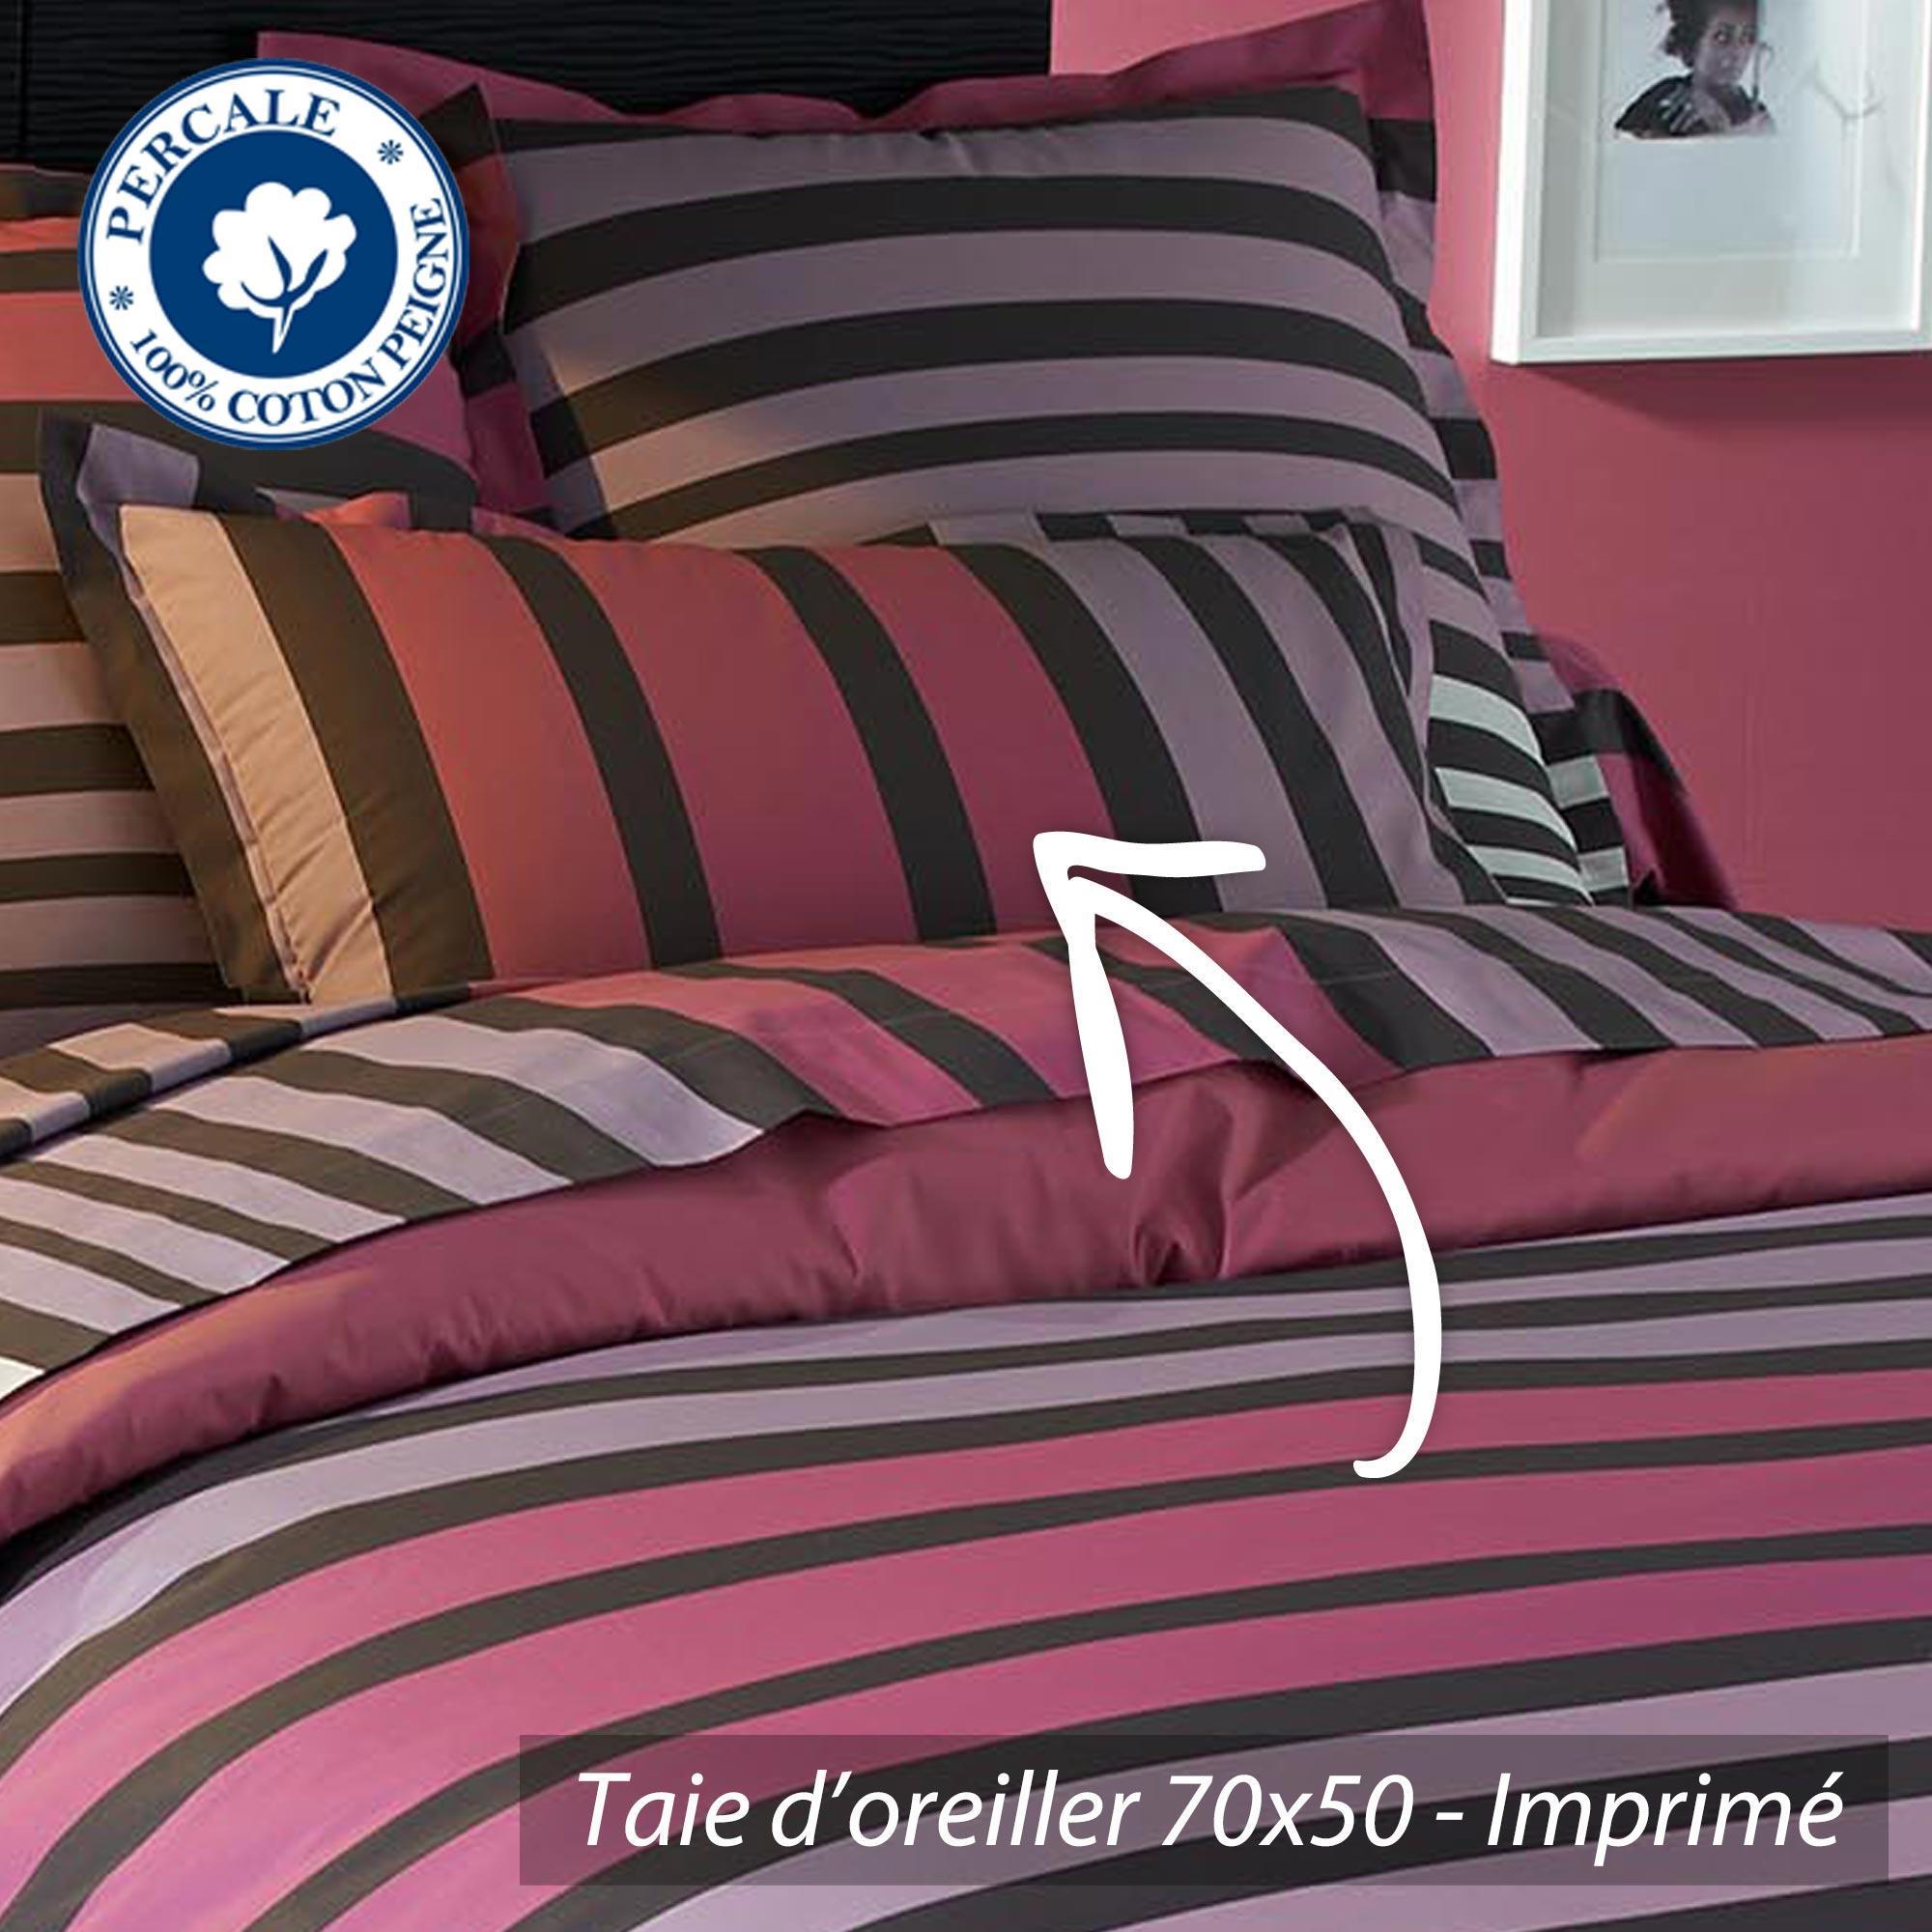 taie d 39 oreiller percale pur coton peign 70x50 cm stripe camelia linnea vente de linge de maison. Black Bedroom Furniture Sets. Home Design Ideas